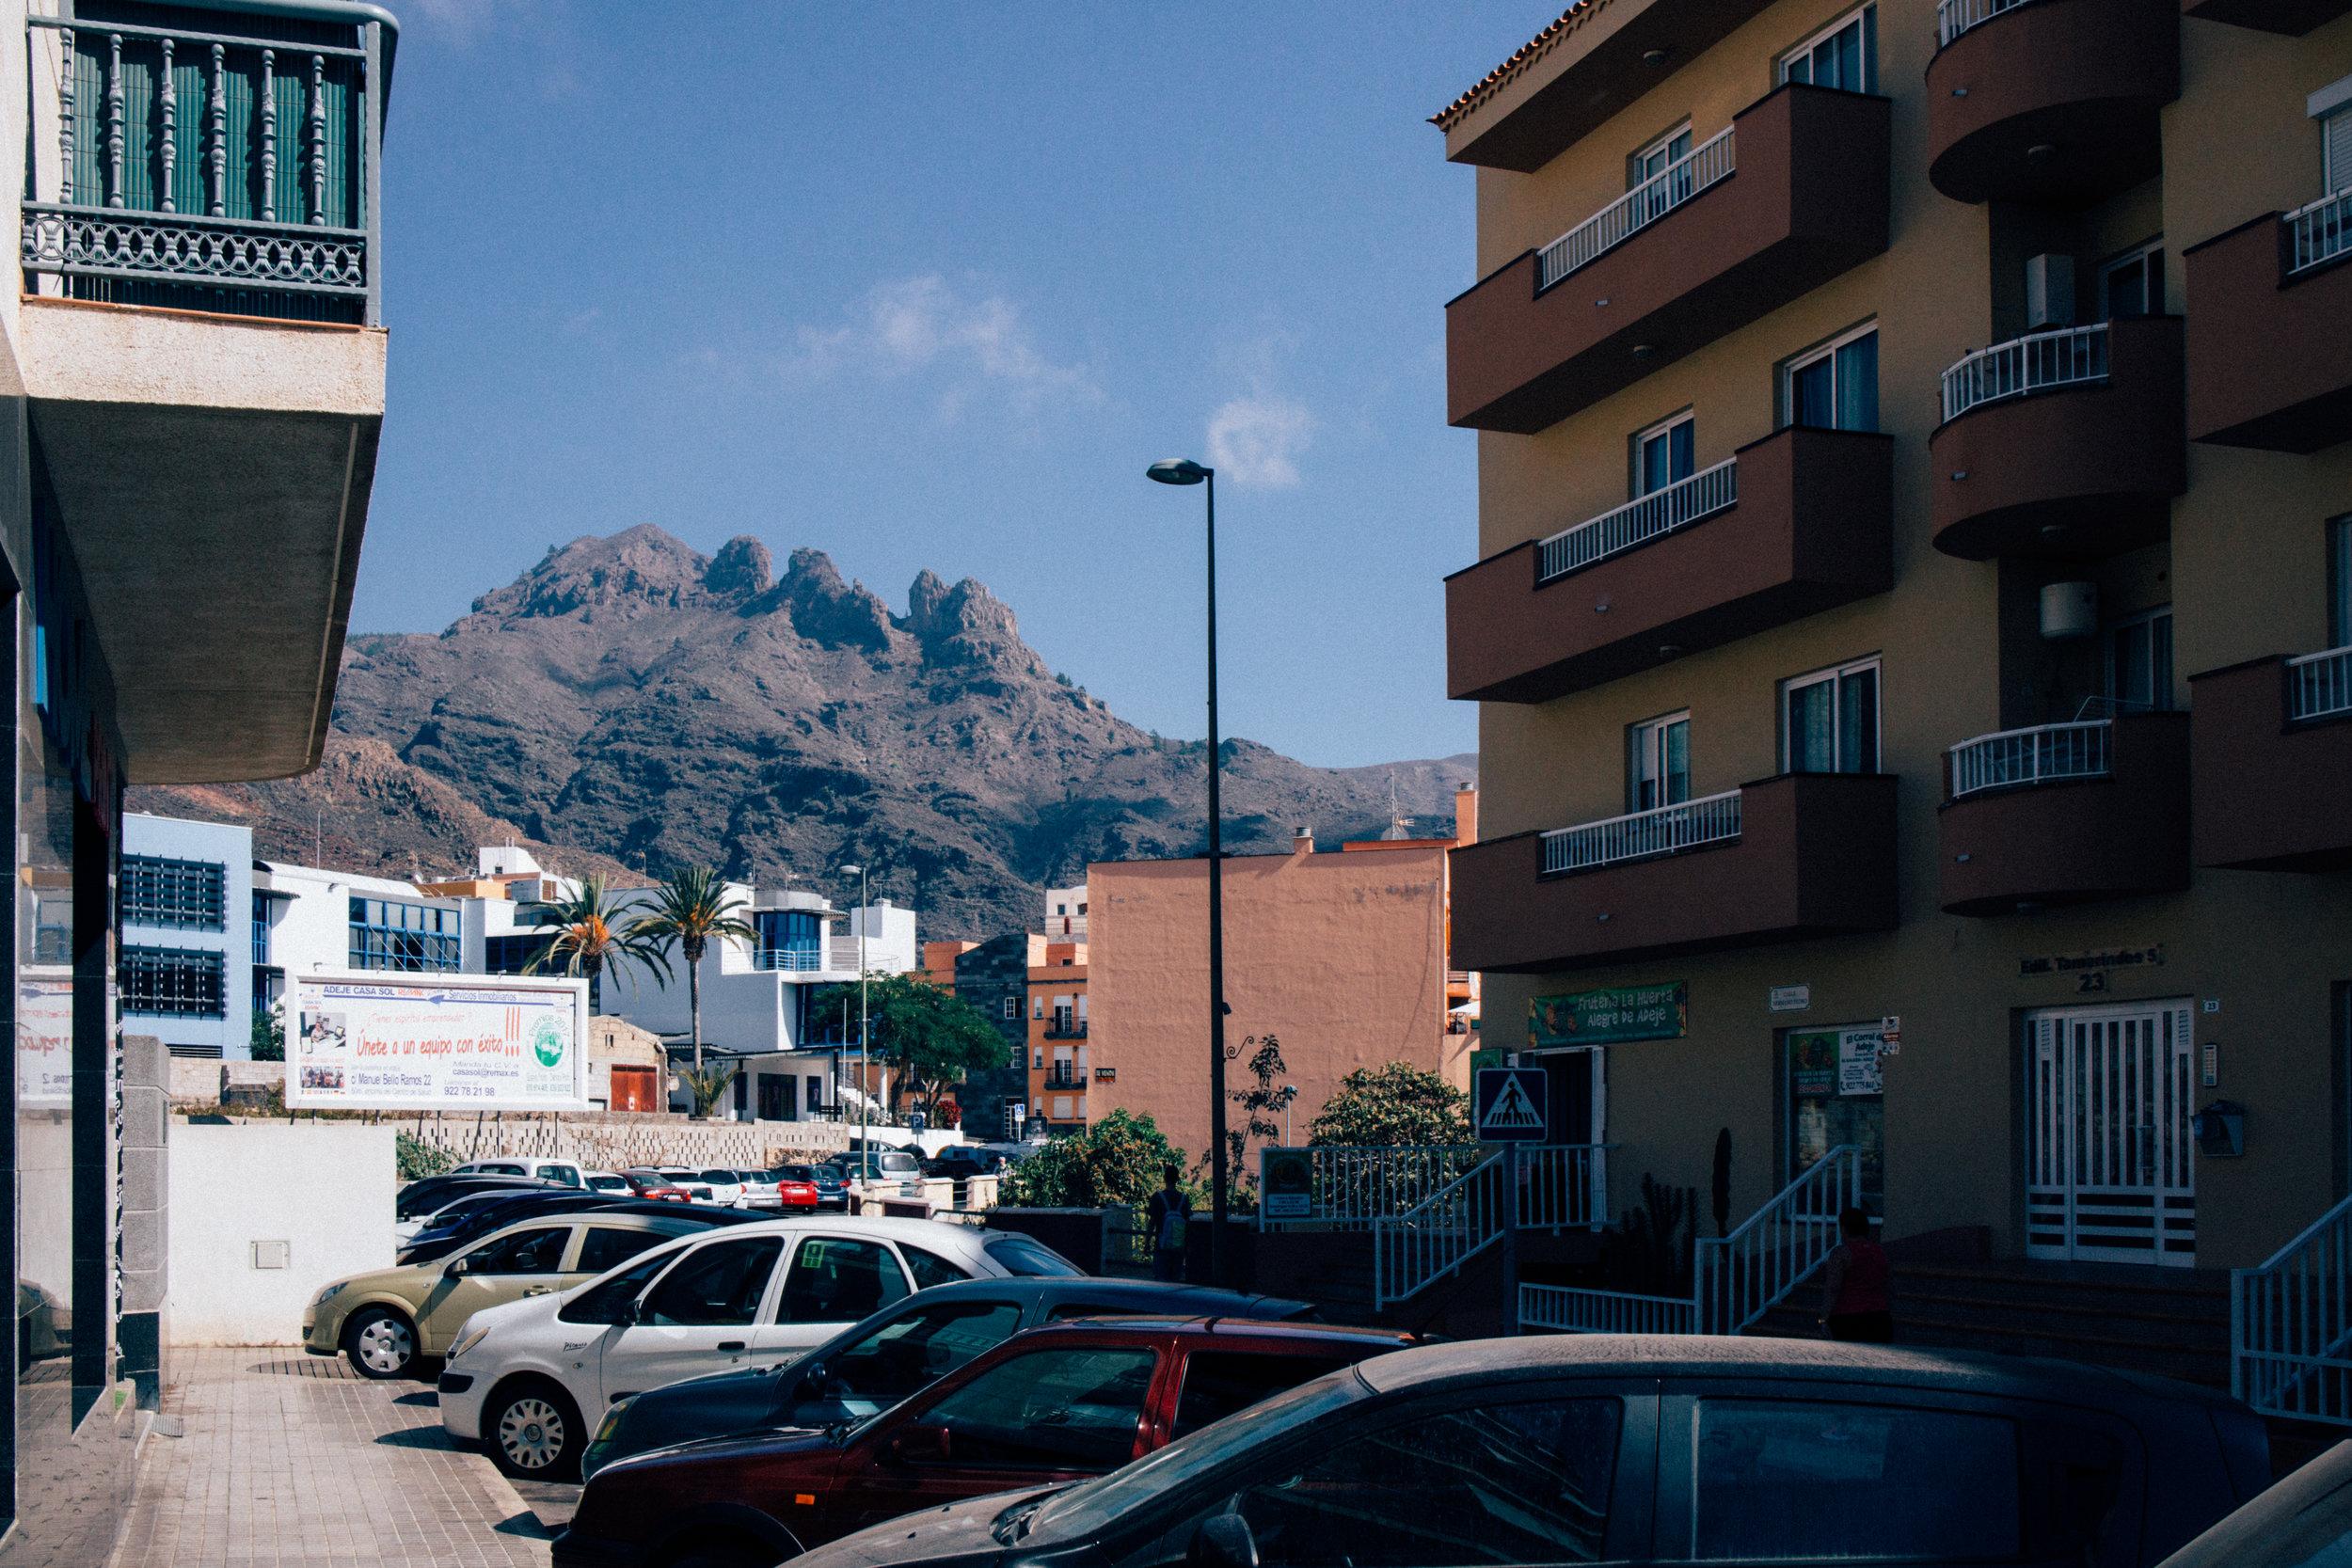 Canarian Islands by Jorge Güiro 15.jpg